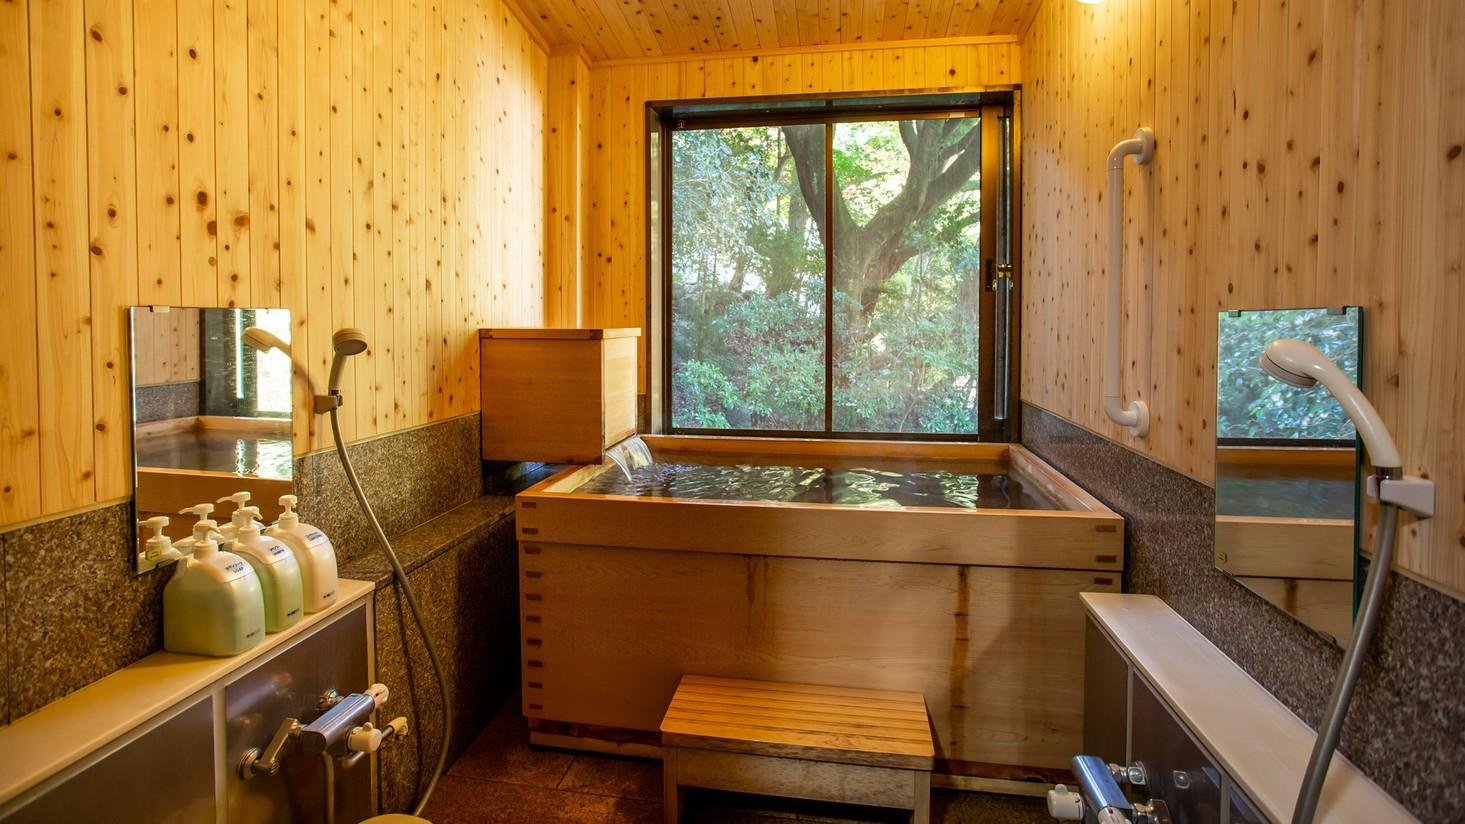 *【貸切風呂】ご宿泊の方は無料でご利用できます。チェックイン時にお時間をお伺いします。(1回50分)